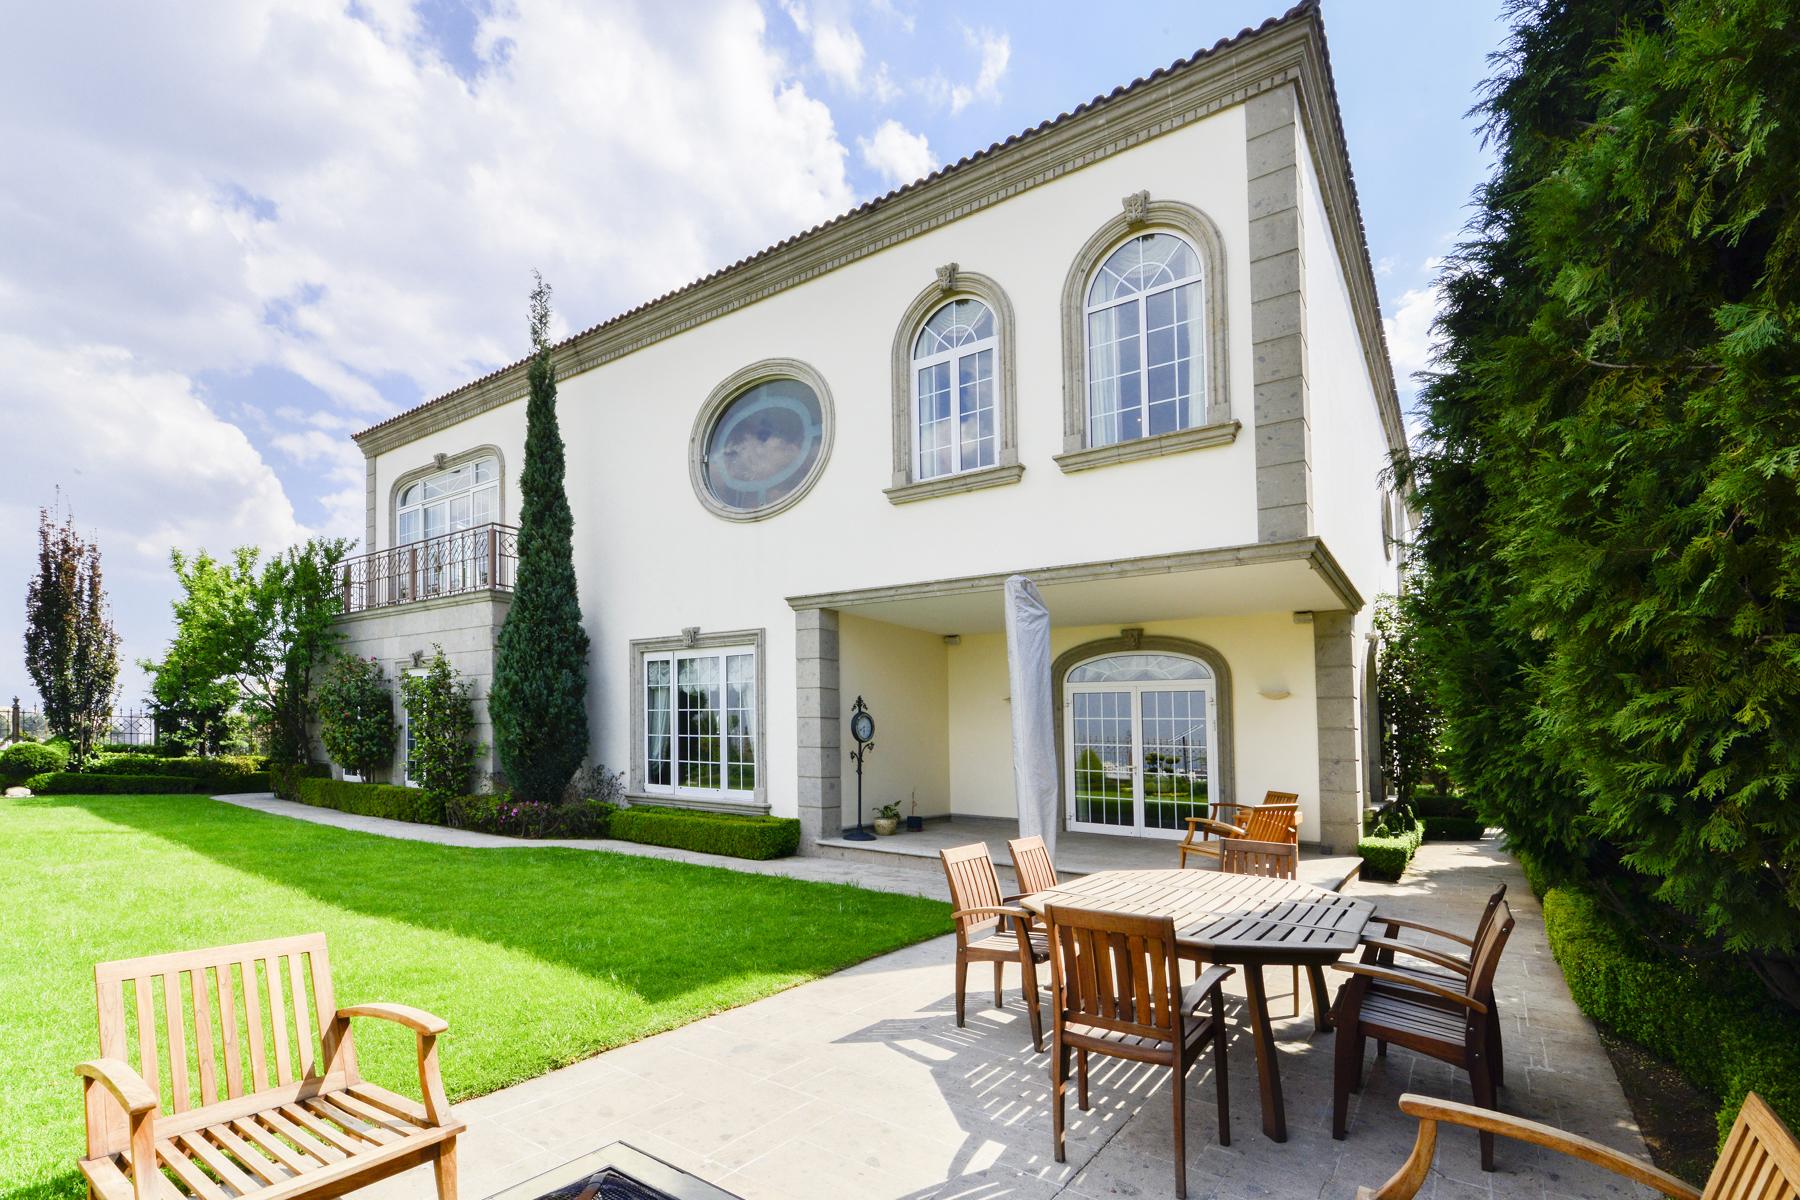 Condominium for Sale at Villa La Toscana, Bosque de las Lomas Mexico City, Ciudad de Mexico 05120 Mexico